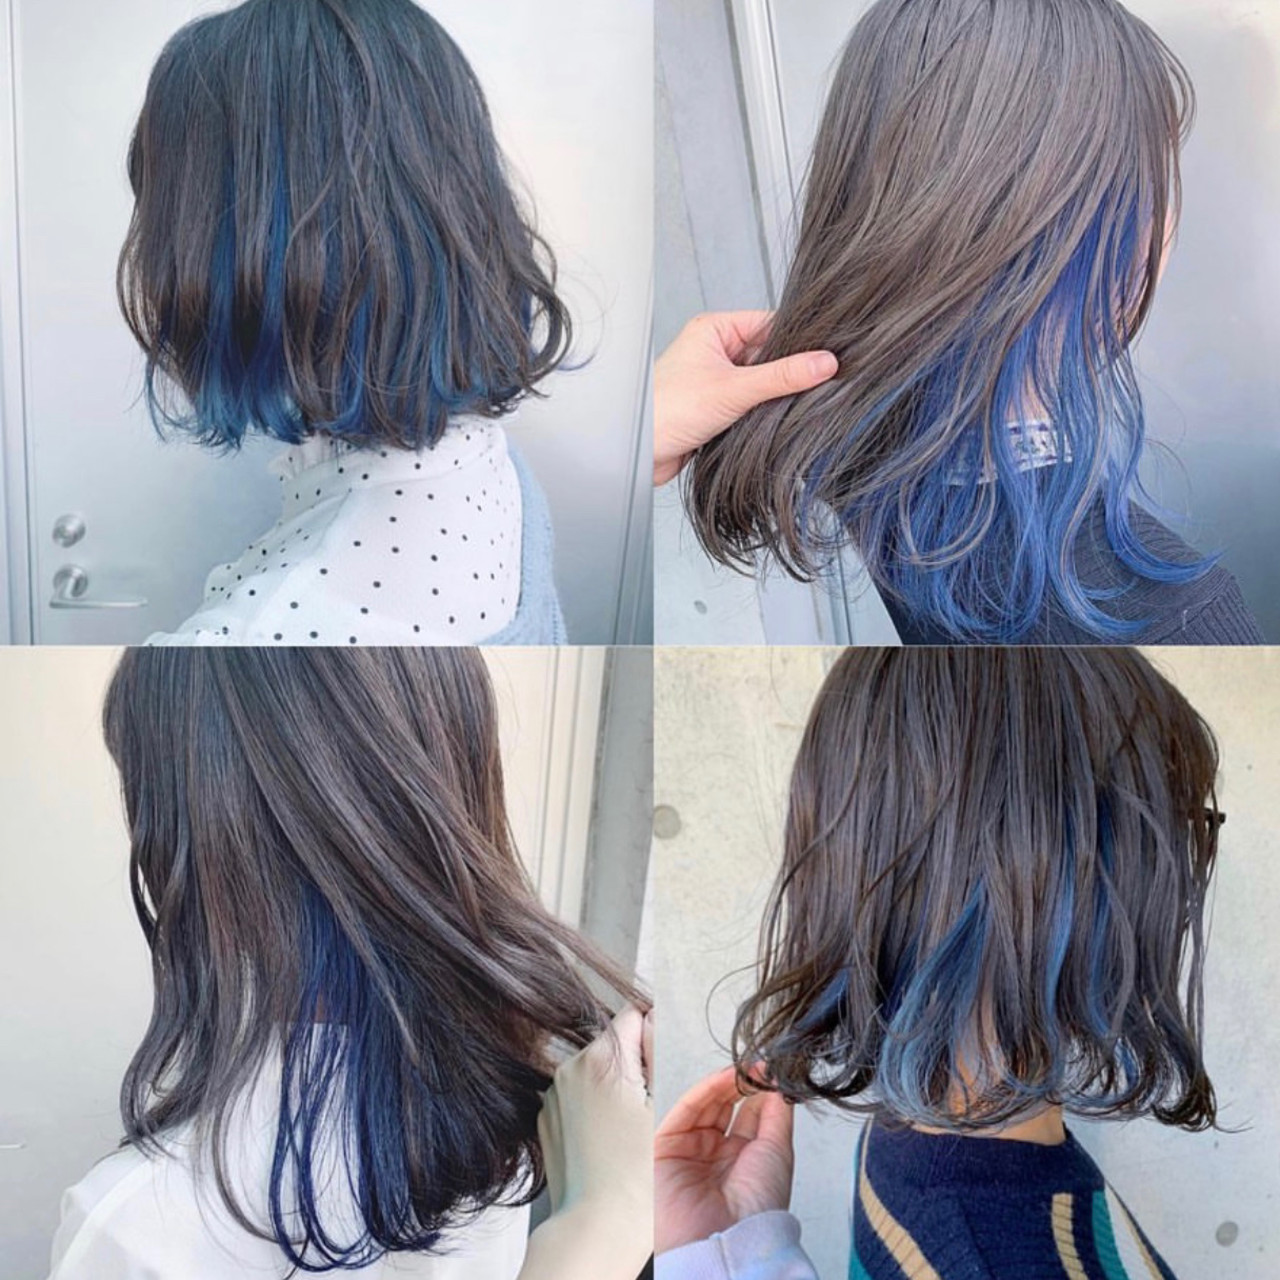 ミディアム ブルージュ インナーカラー グレージュ ヘアスタイルや髪型の写真・画像 | アヤ / Lano by HAIR